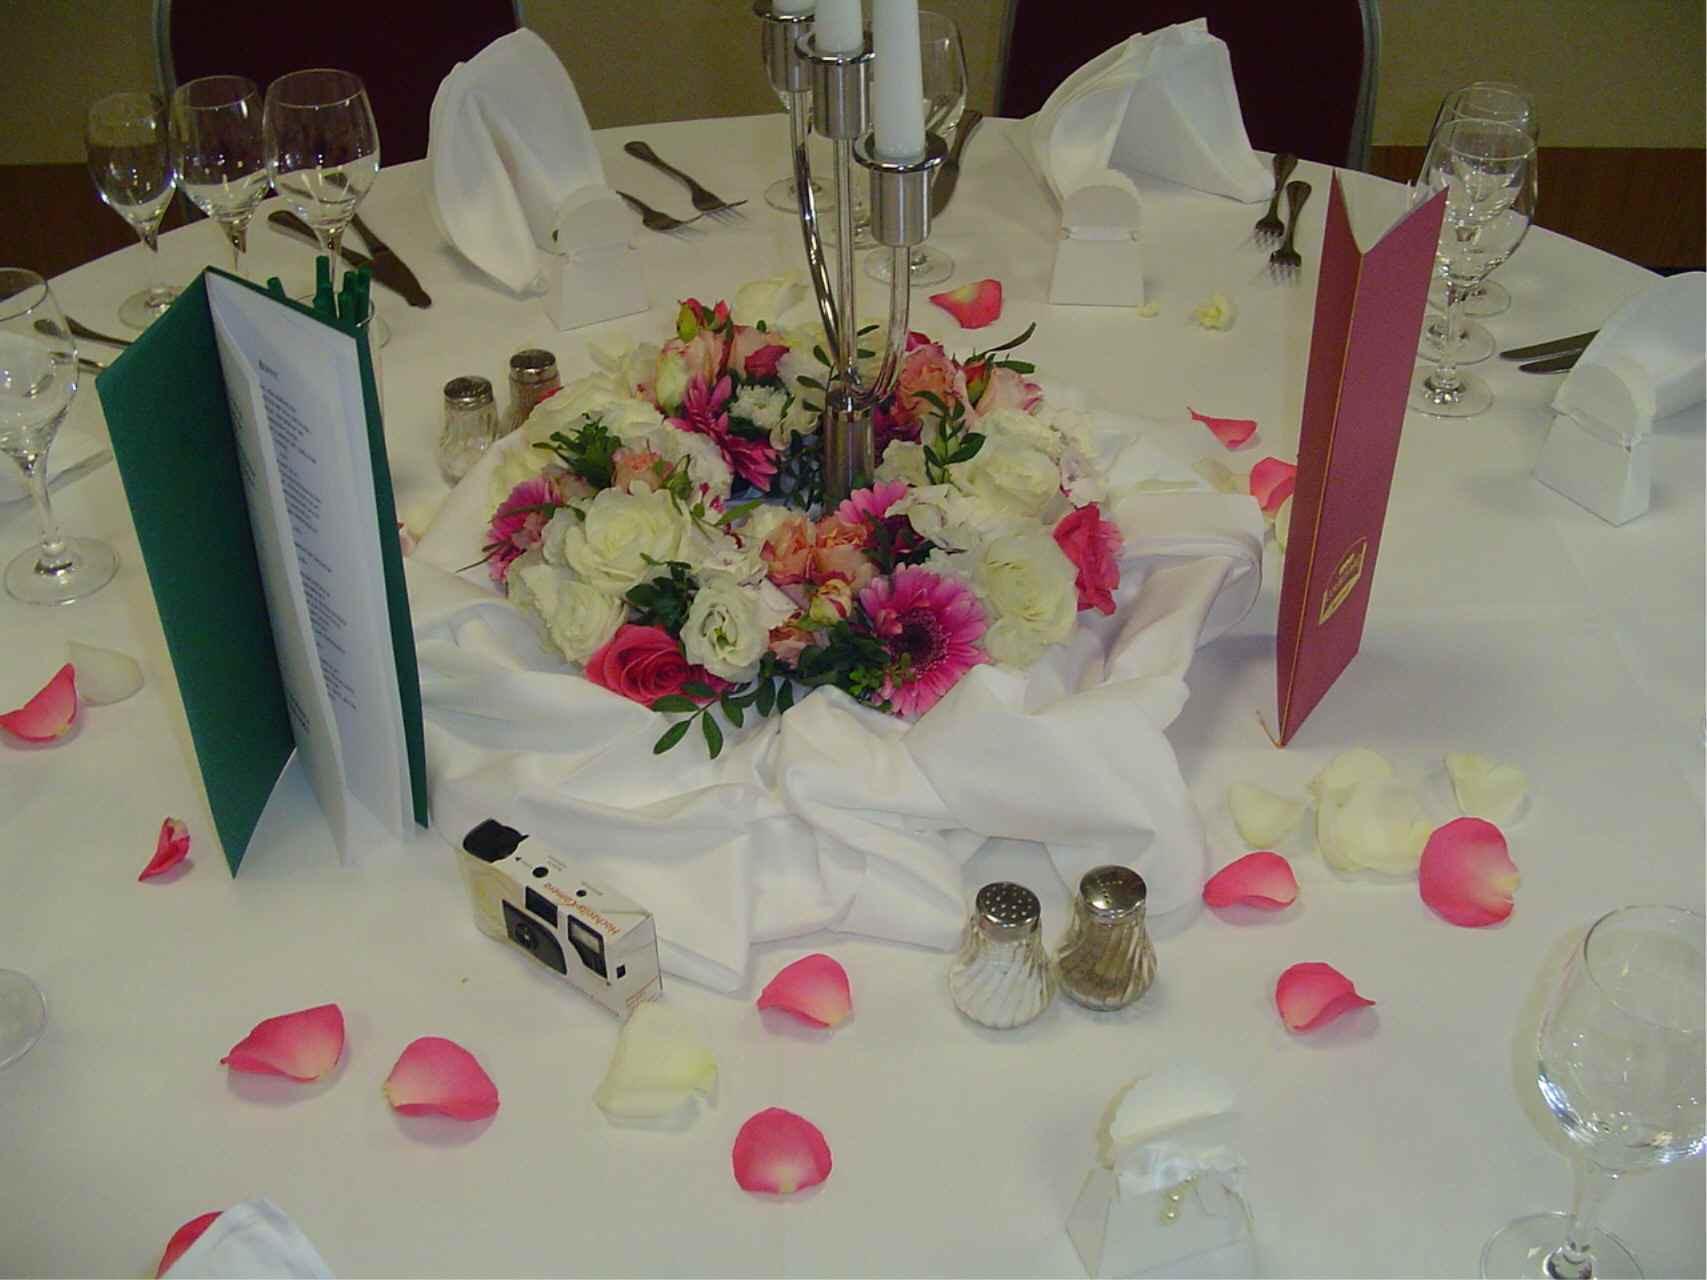 Tischdeko Hochzeit Runde Tische  TISCHDEKO HOCHZEIT RUNDE TISCHE – nxsone45